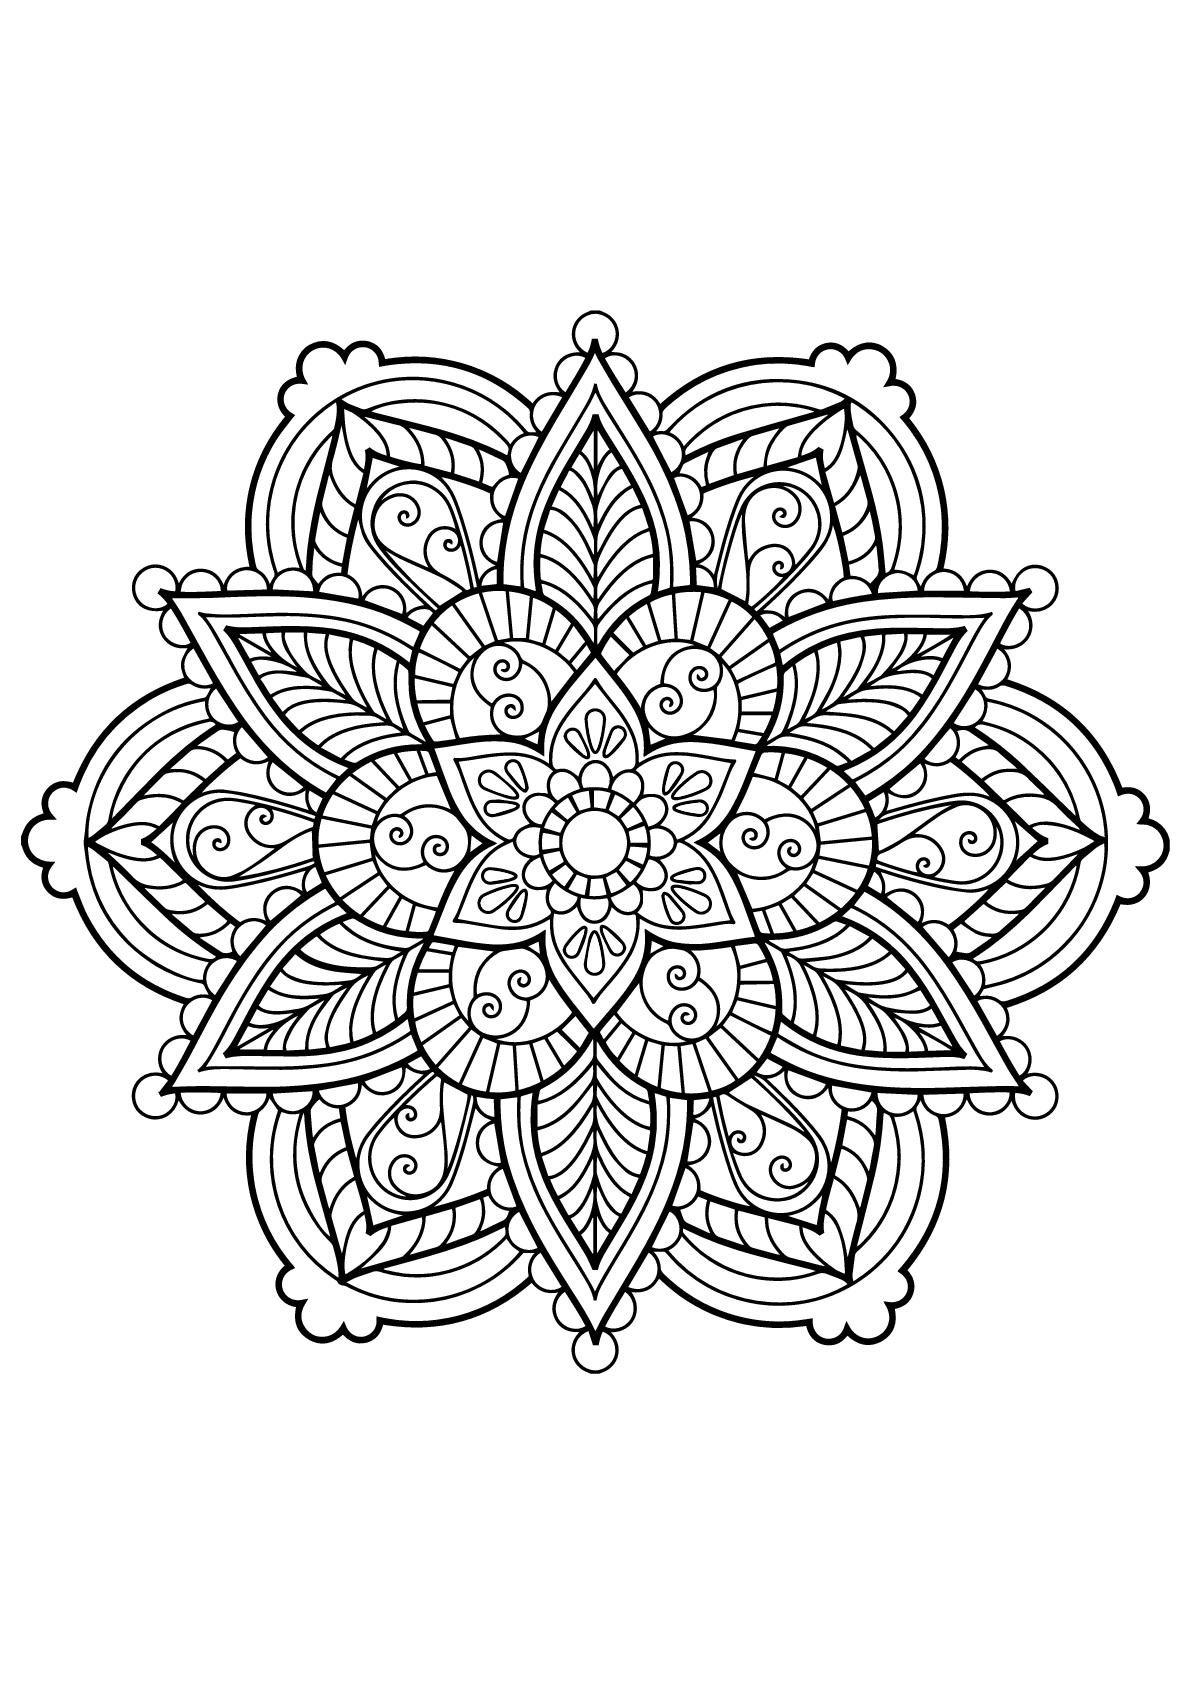 Mandala livre gratuit 28 mandalas coloriages - Coloriages mandalas ...